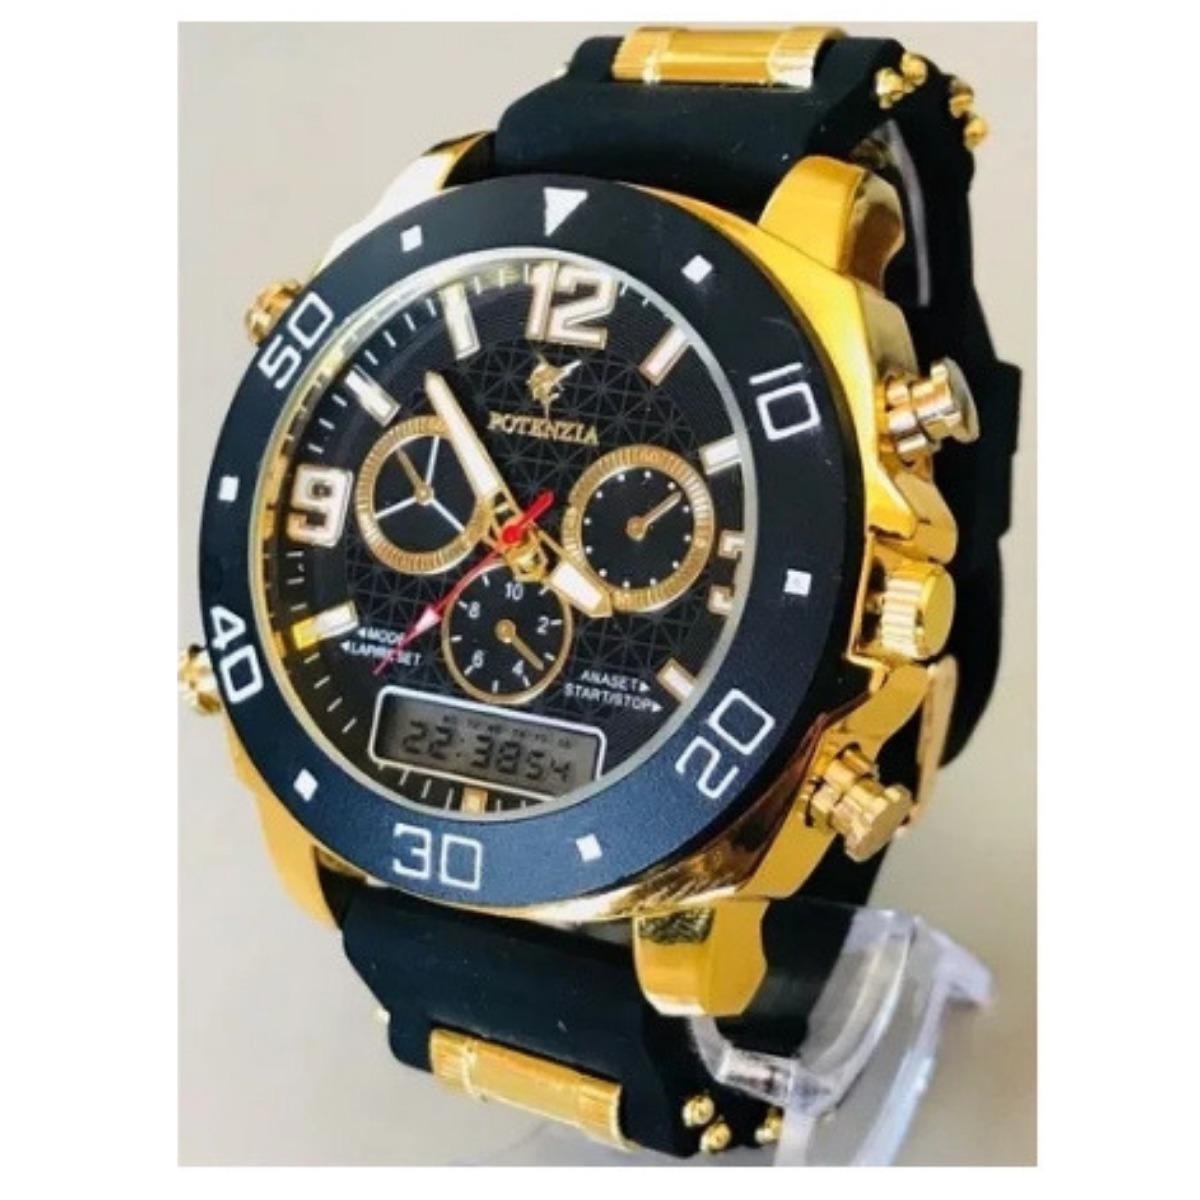 3c8843f346b relógio preto com dourado robusto masculino + frete grátis. Carregando zoom.